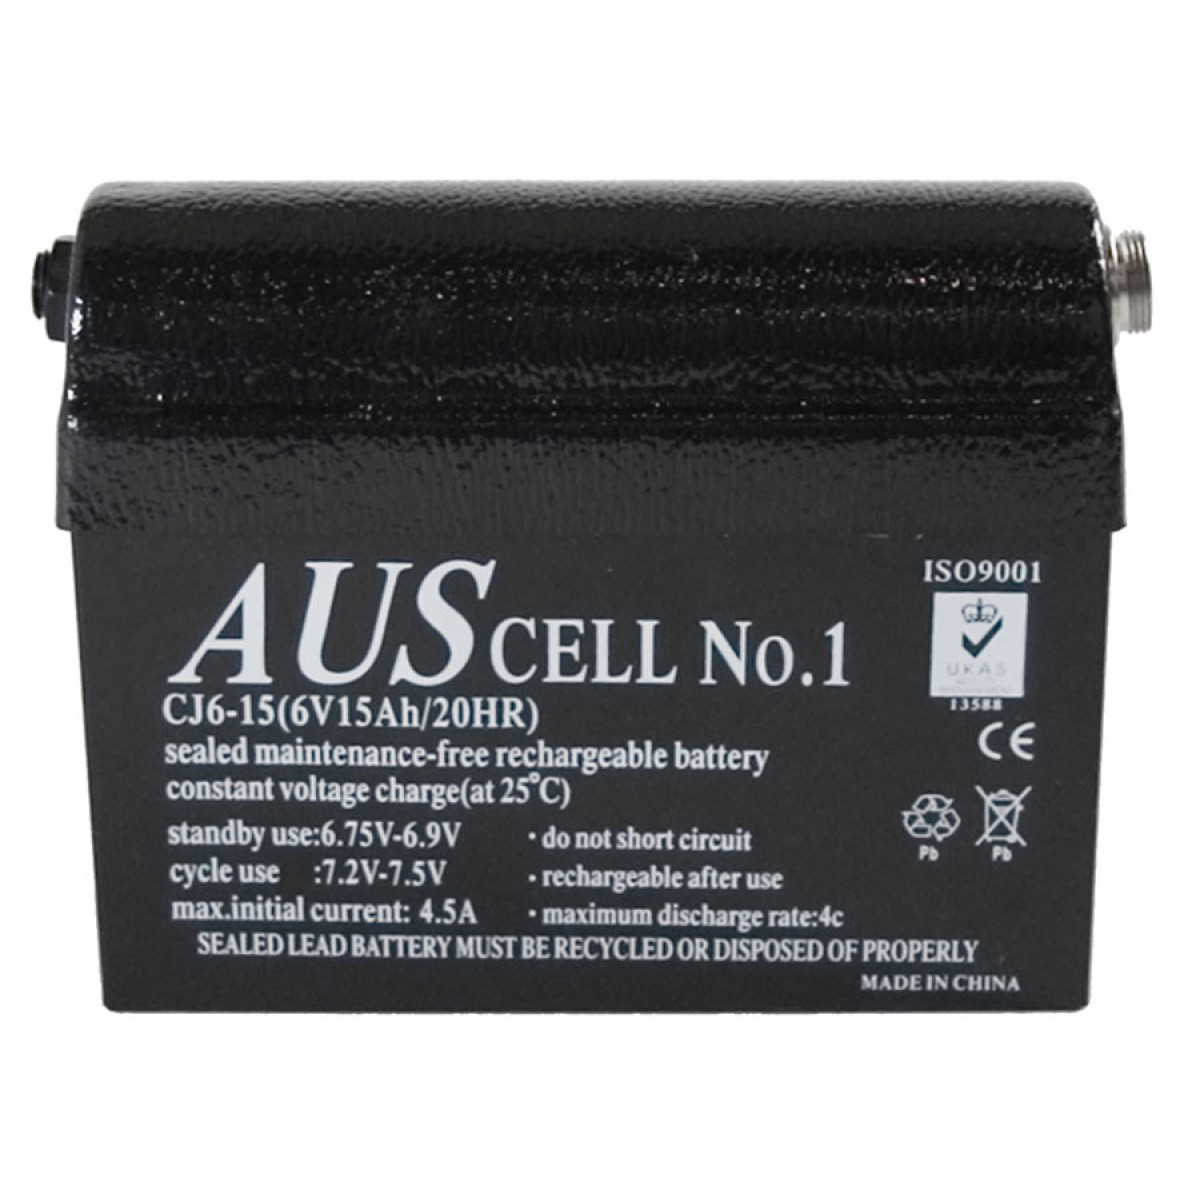 Bateria de Gel 15Ah Minelab para detectores de metais das séries SD e GP  - Fortuna Detectores de Metais